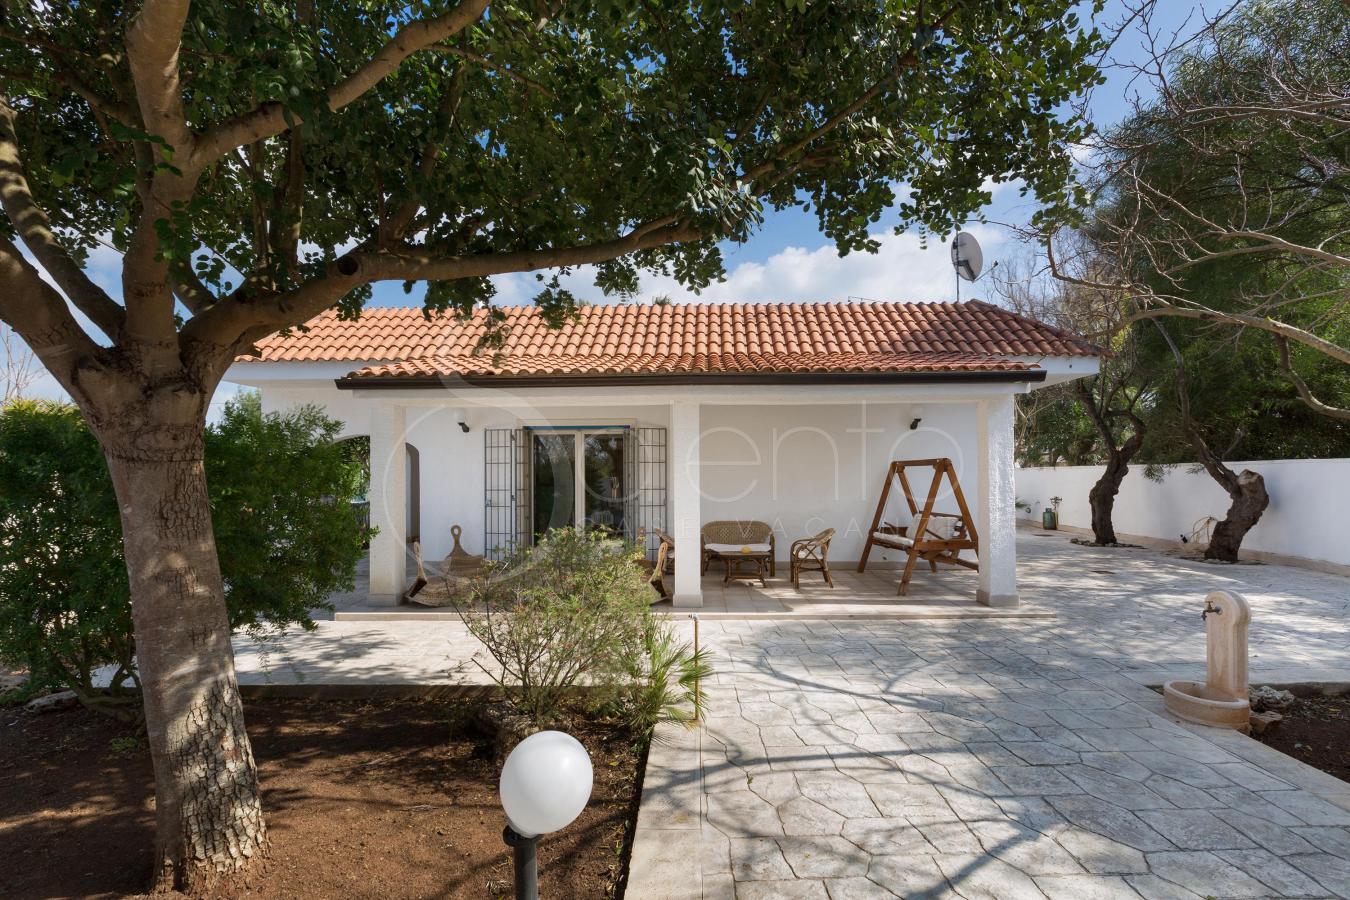 Villa con giardino a pochi metri dalla spiaggia sabbiosa for Immagini di villette con giardino